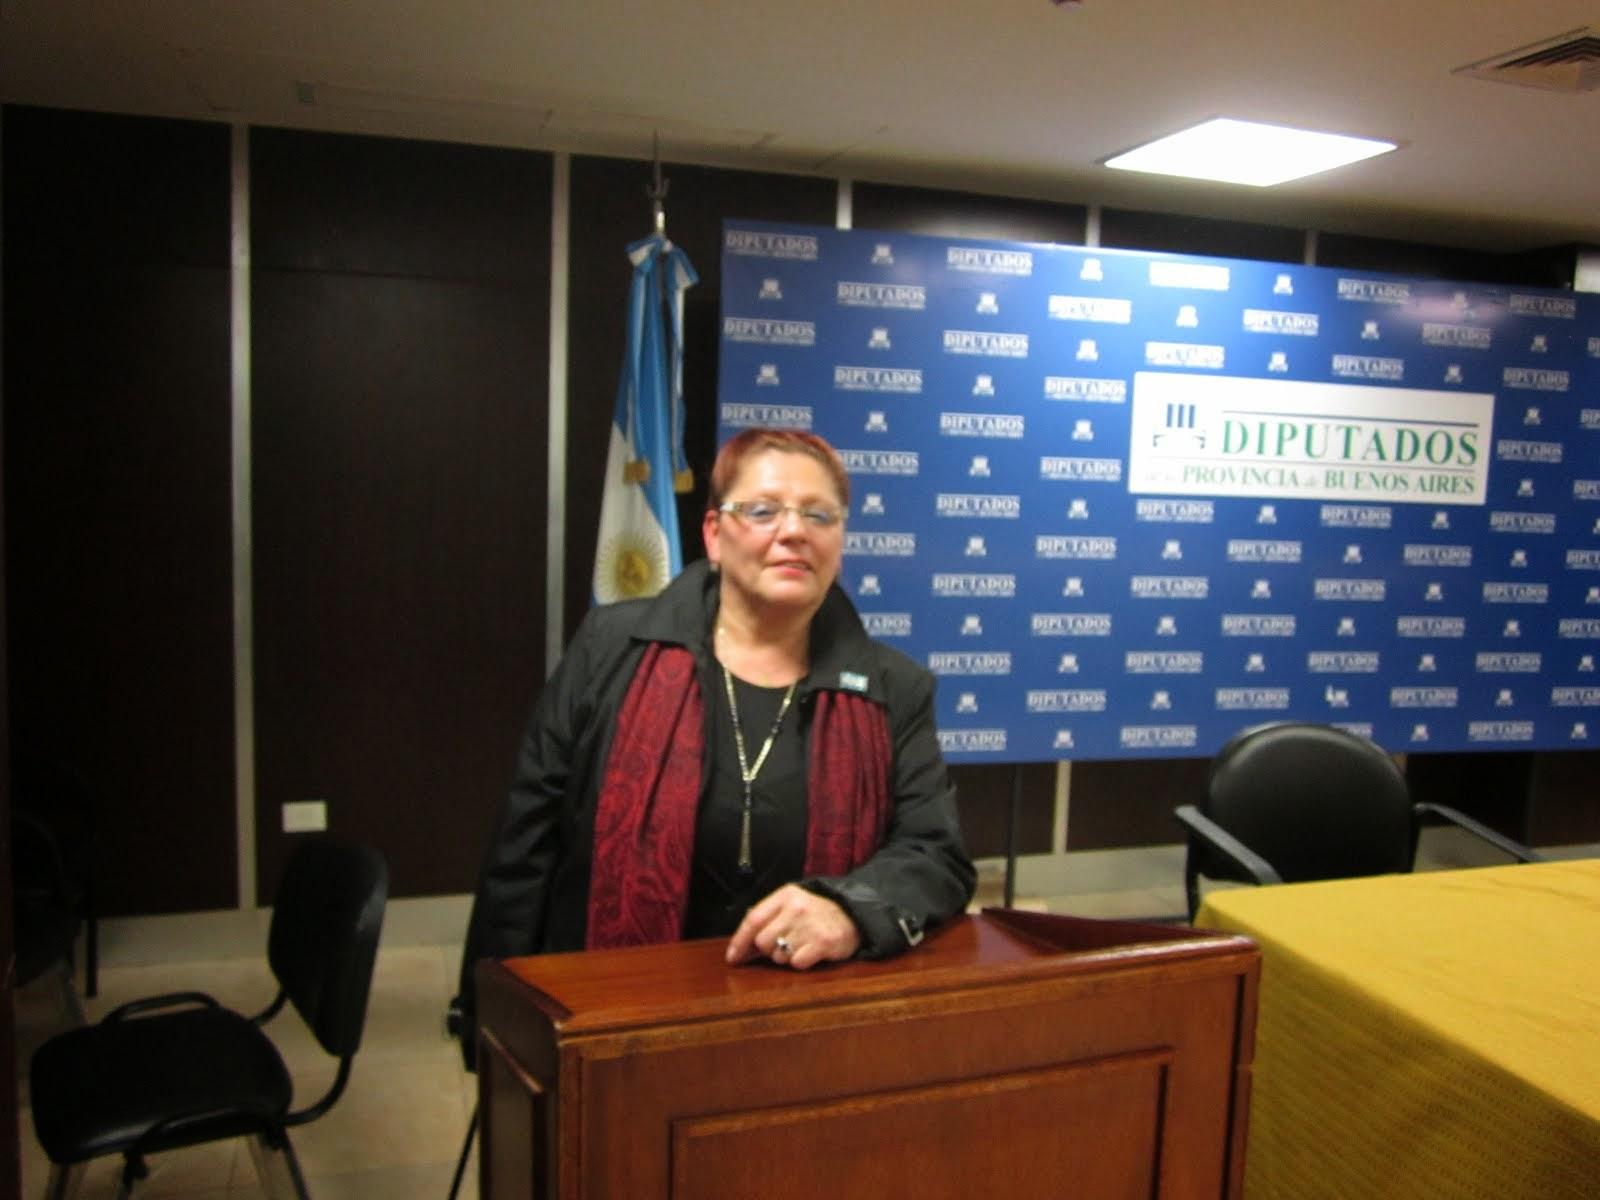 Mirta Praino-Honorable Camara de Diputados de la Provincia de Buenos Aires